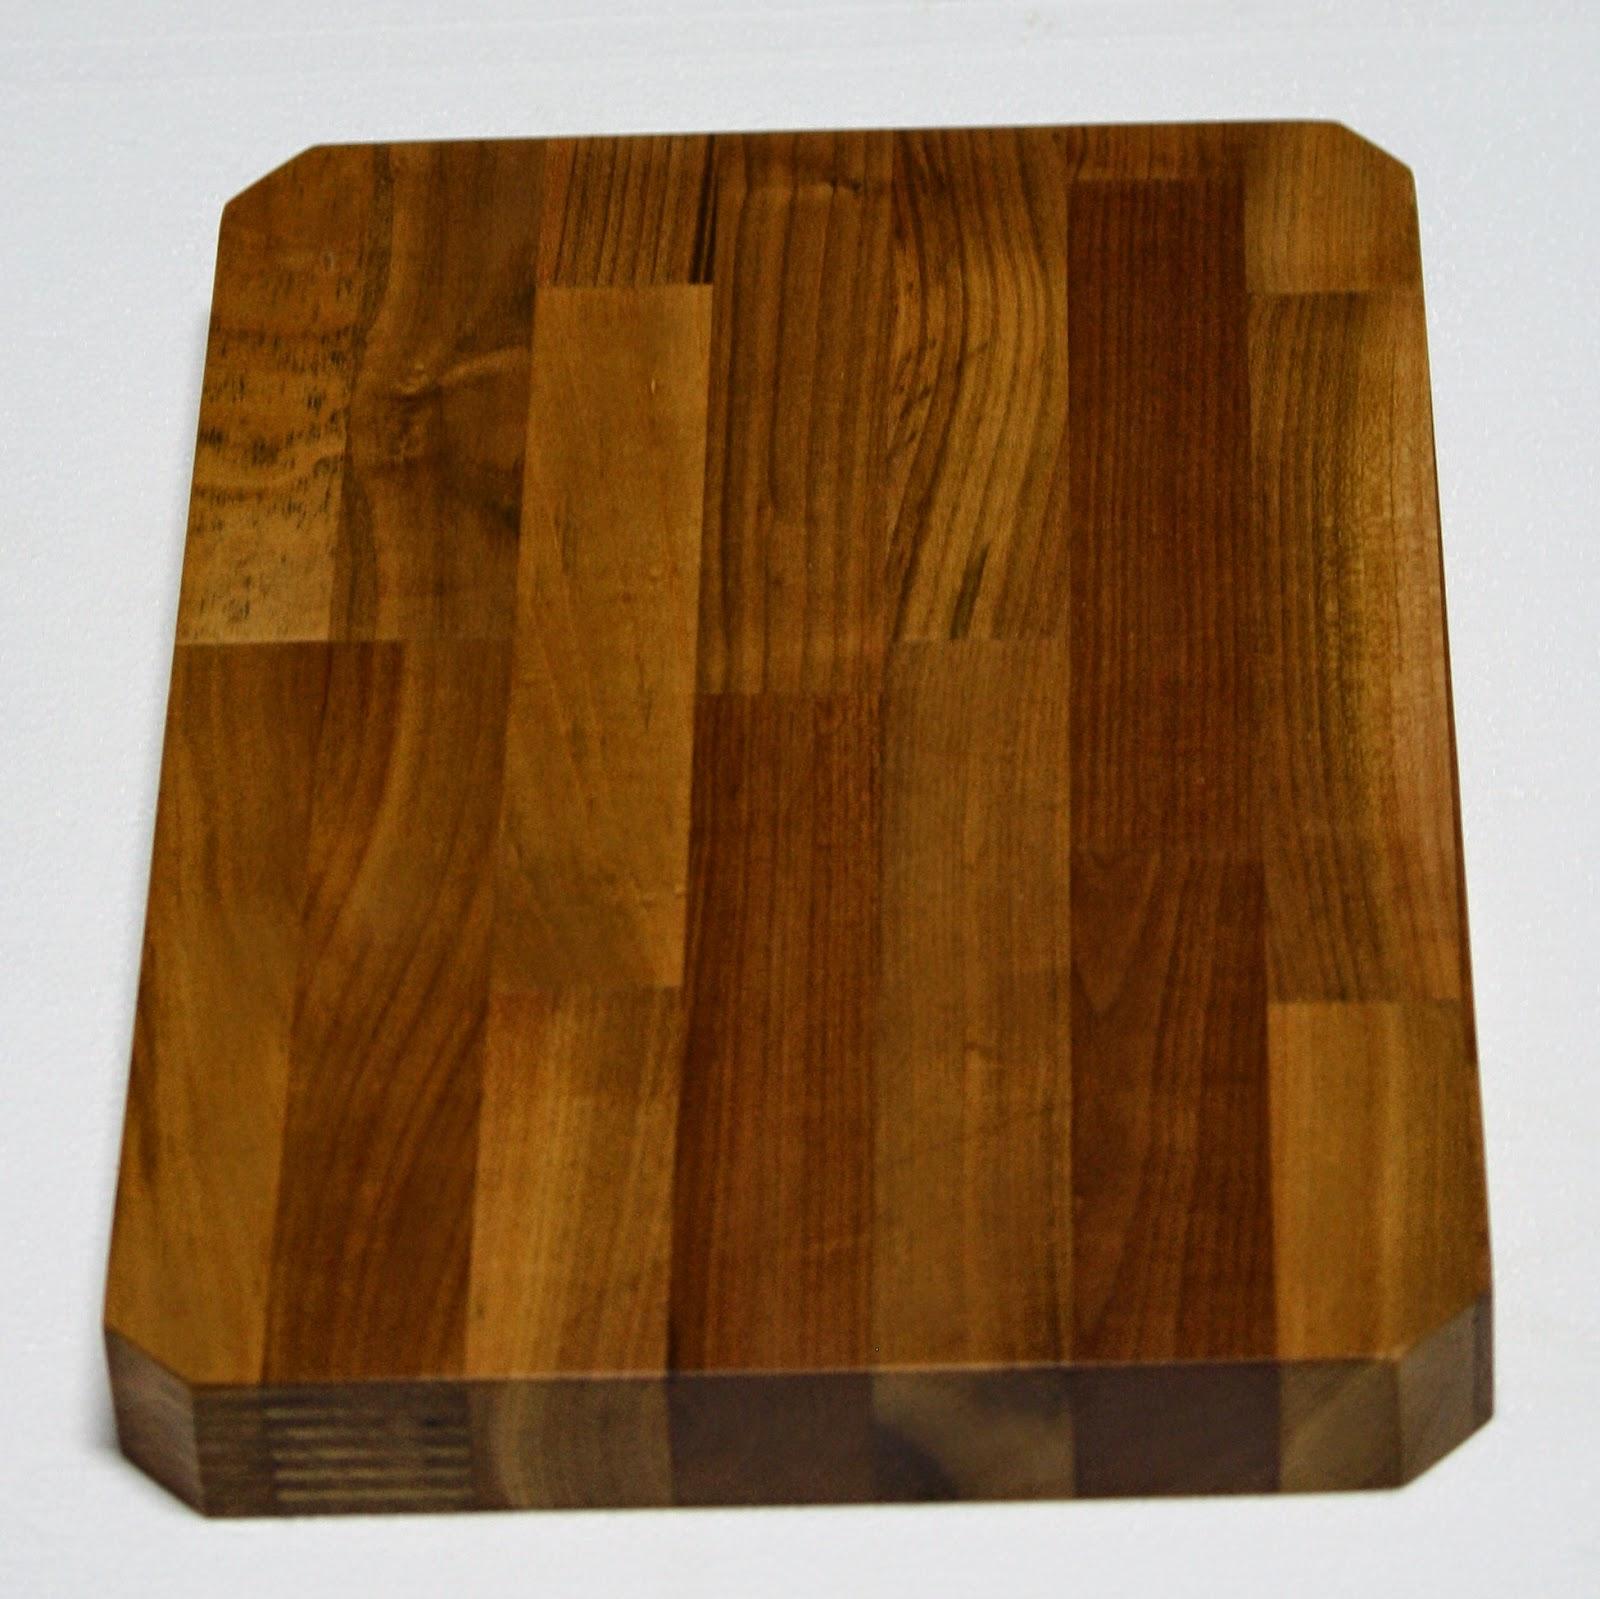 Artesania en madera de olivo tienda online tablas cortar for Tablas de cocina de olivo